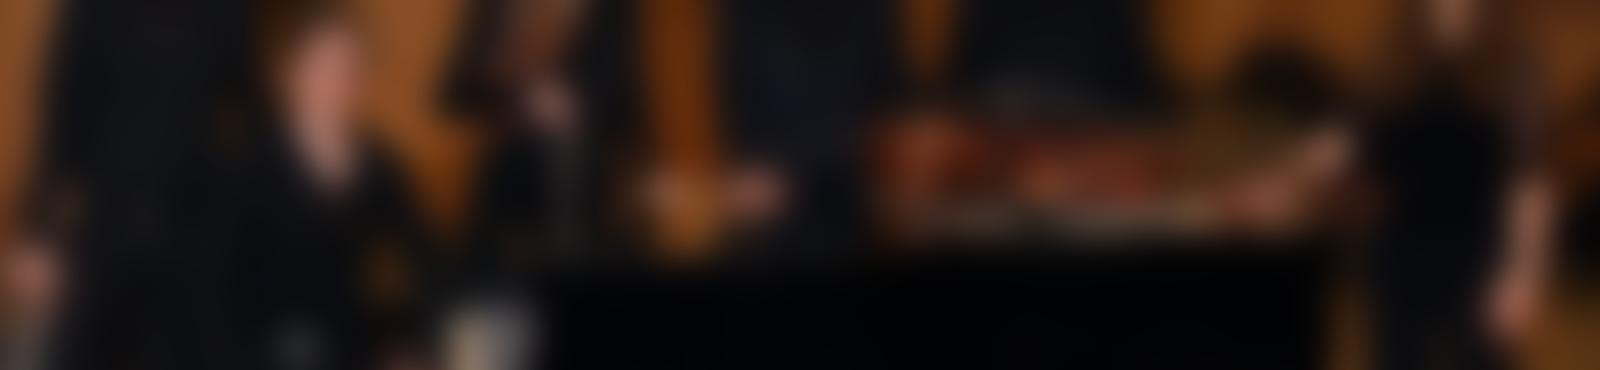 Blurred 05e4f6e0 c9d0 499a bf77 3f5618a10d7d